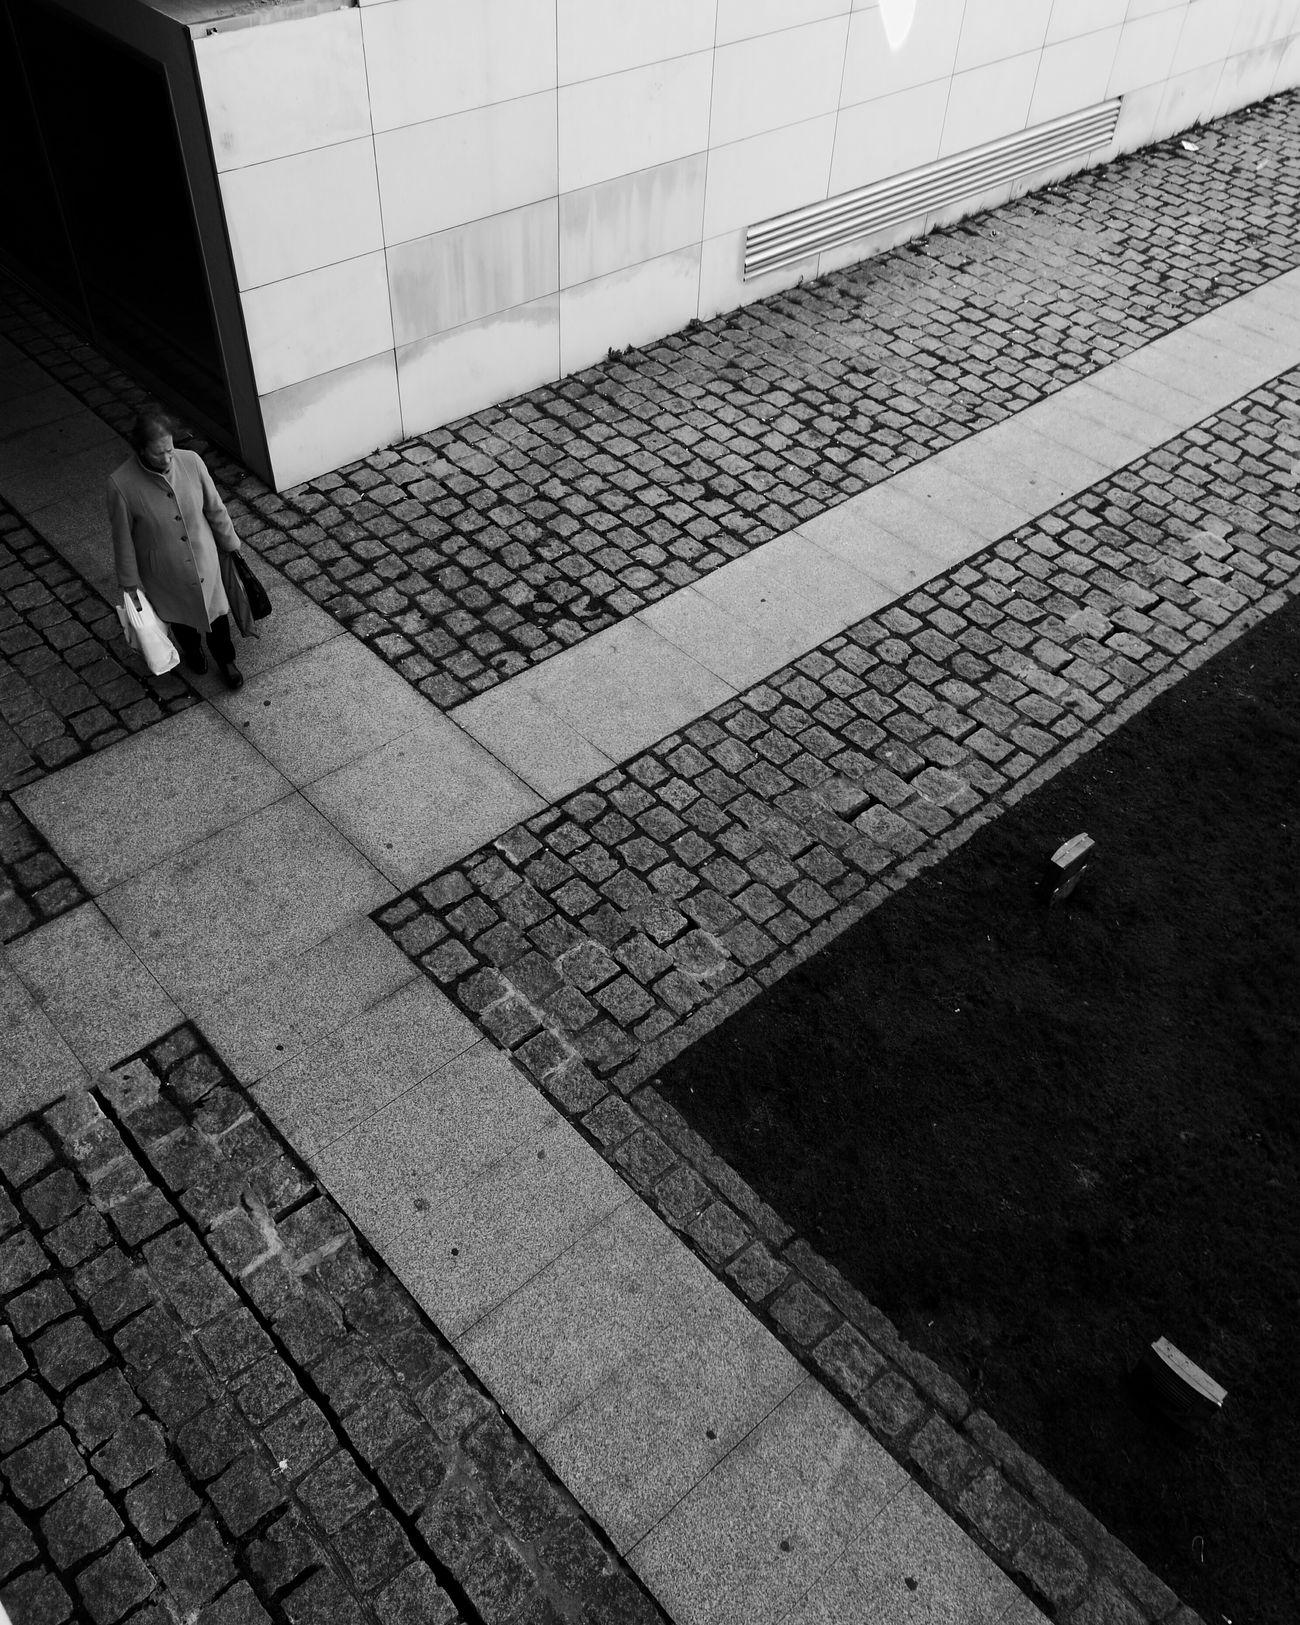 Streetphotography EyeEm Porto EyeEn Porto B&w Photography Thestreetphotographer Capture The Moment Blackandwhite Photography Street Photography Monochrome Blackandwhite B&w Street Photography HuaweiP9 Huaweiphotography Huawei Huawei P9 Leica